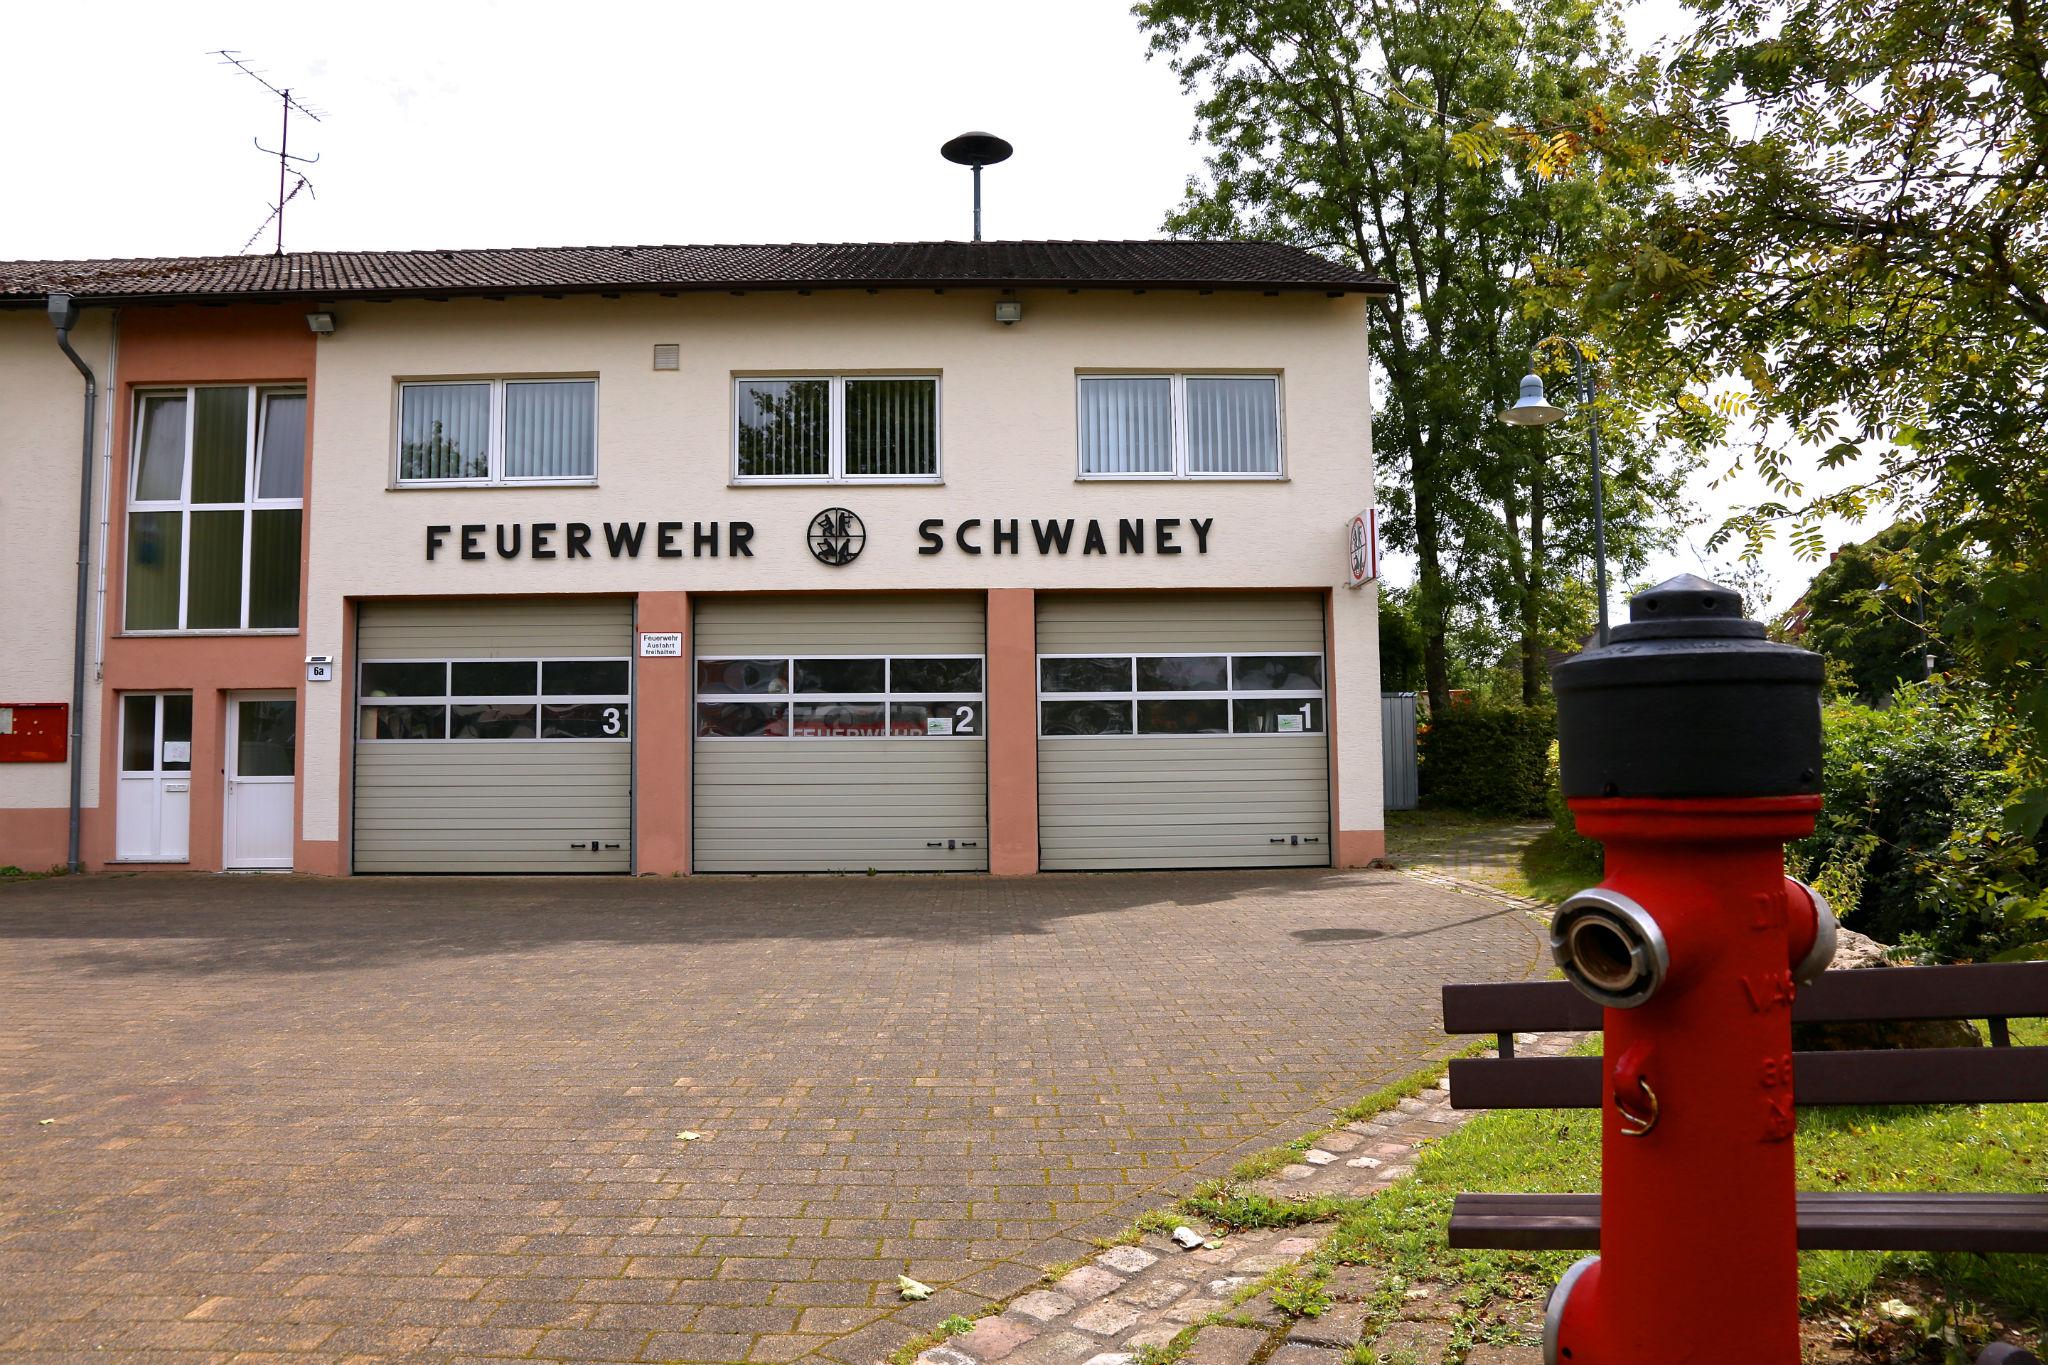 Gerätehaus Schwaney